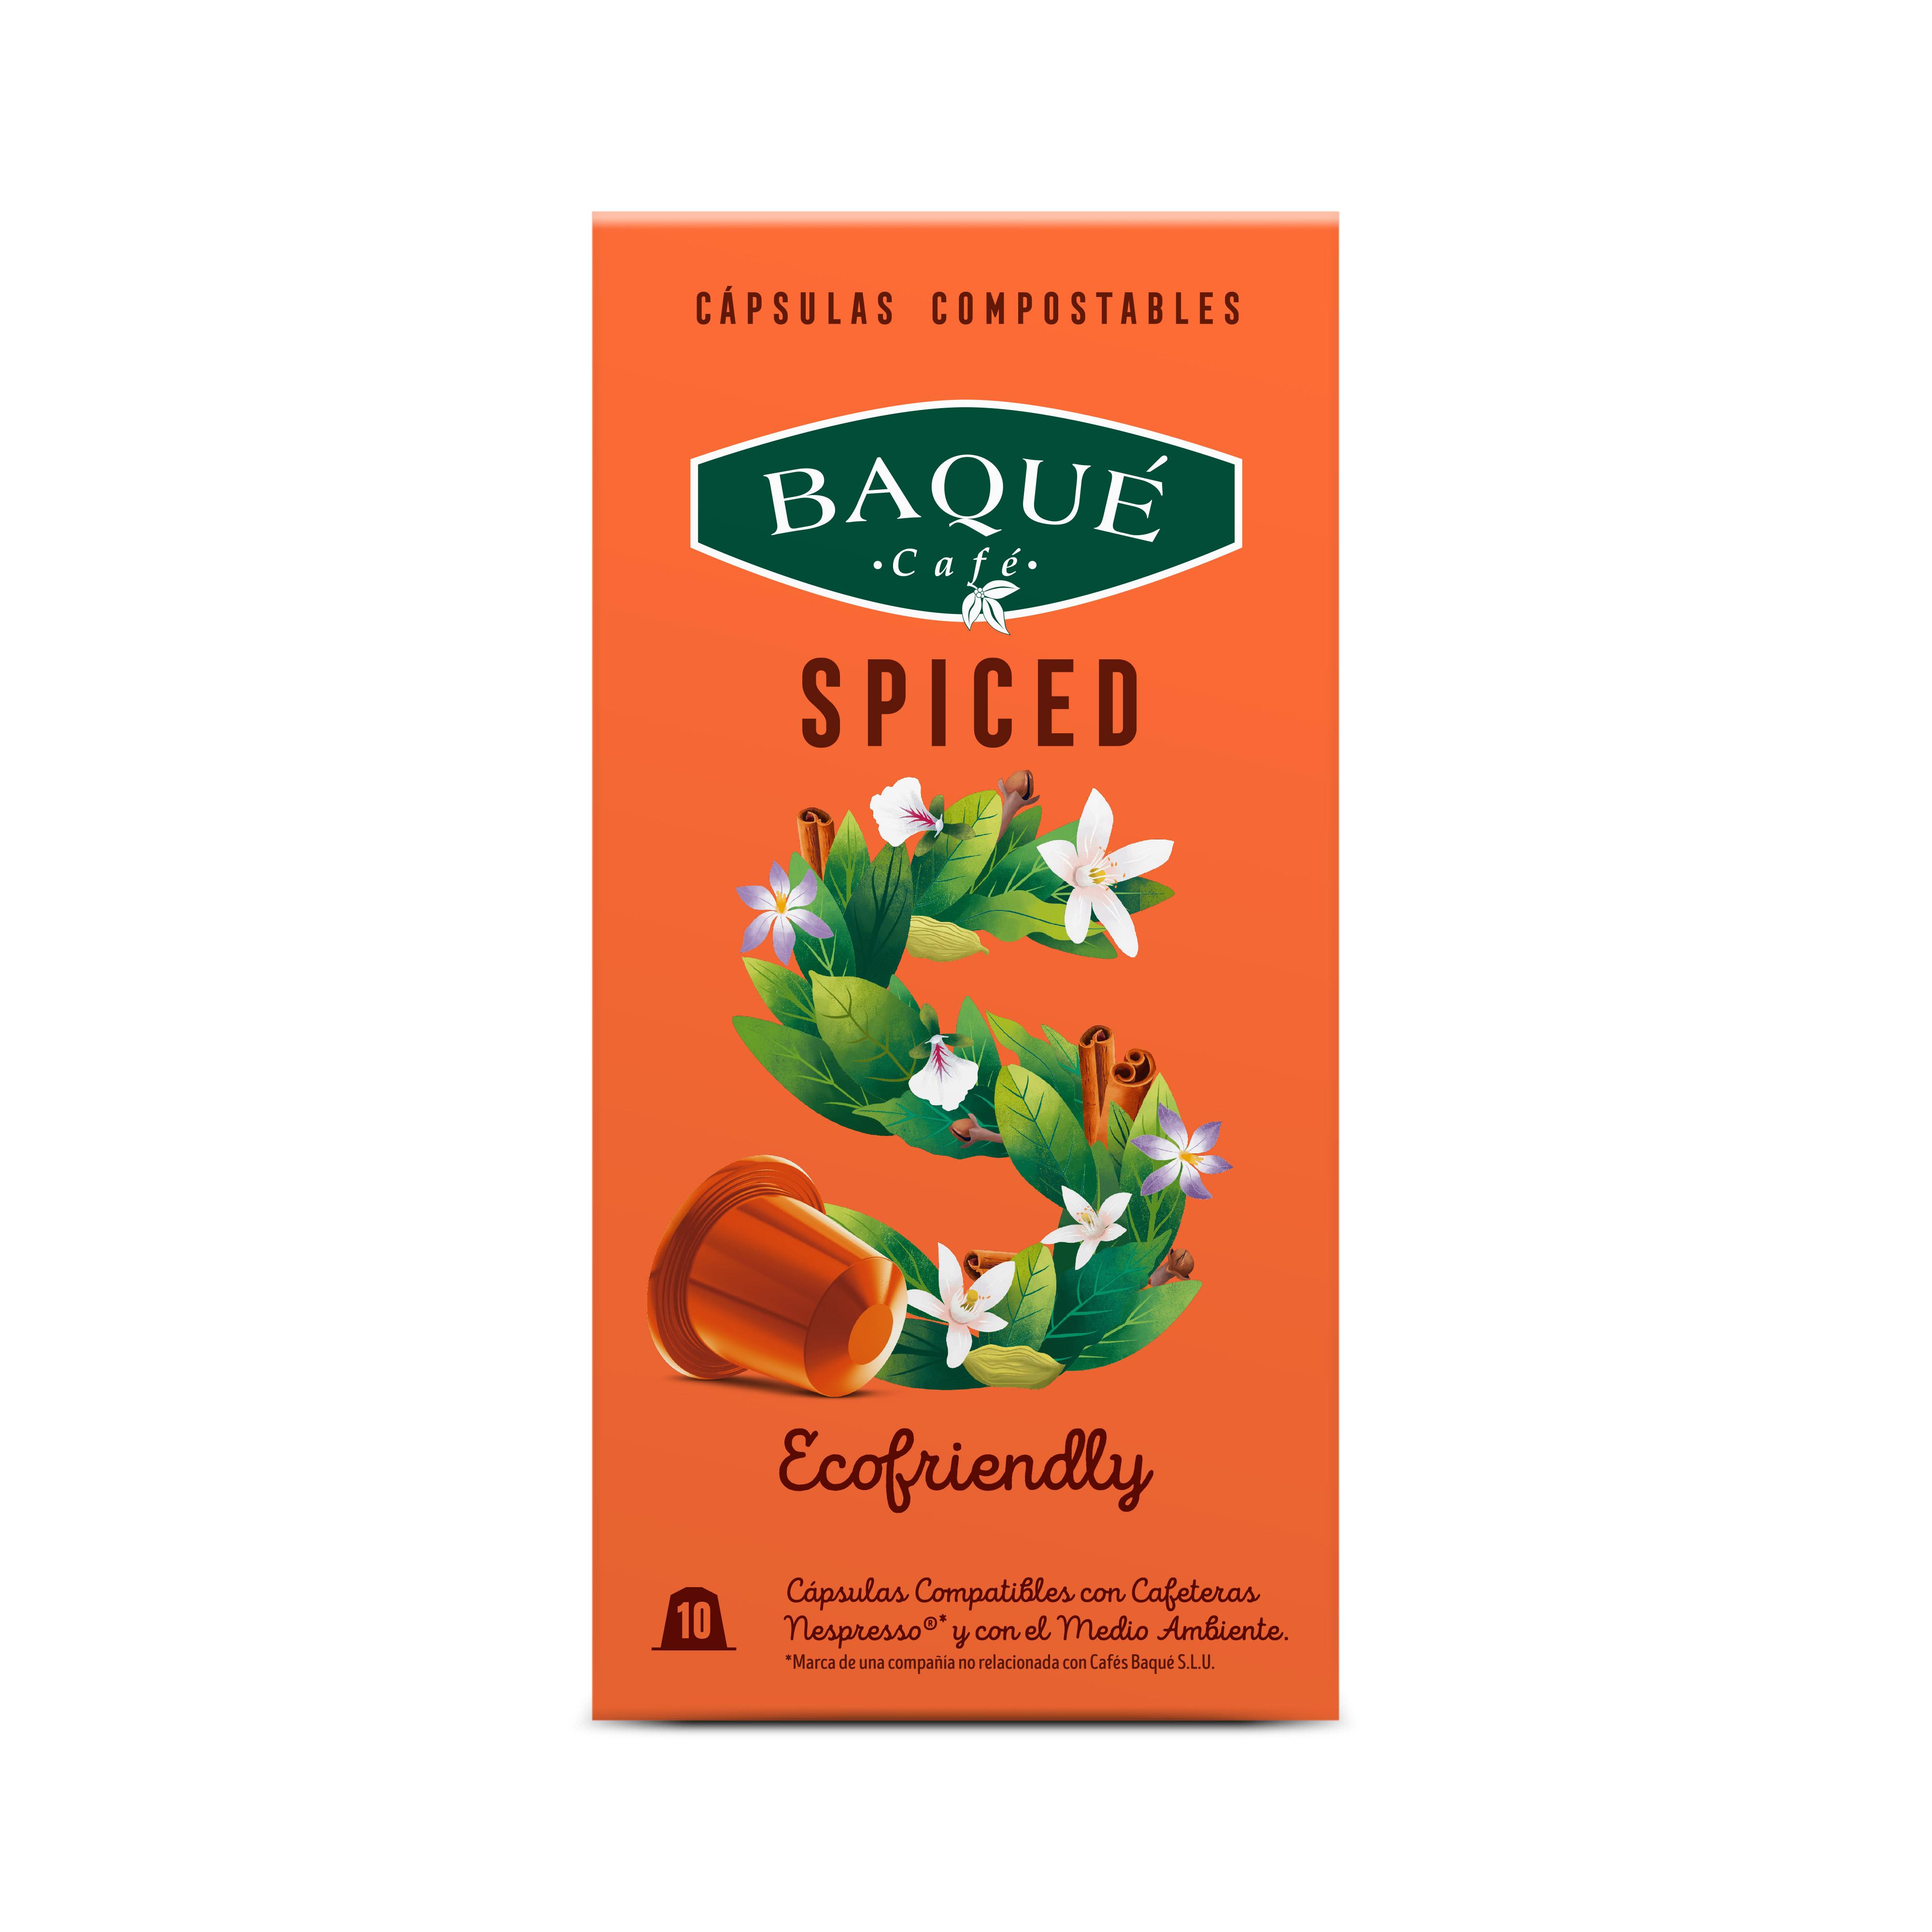 Spiced 10 kapsula konpostagarri Nespresso®-rekin bateragarriak